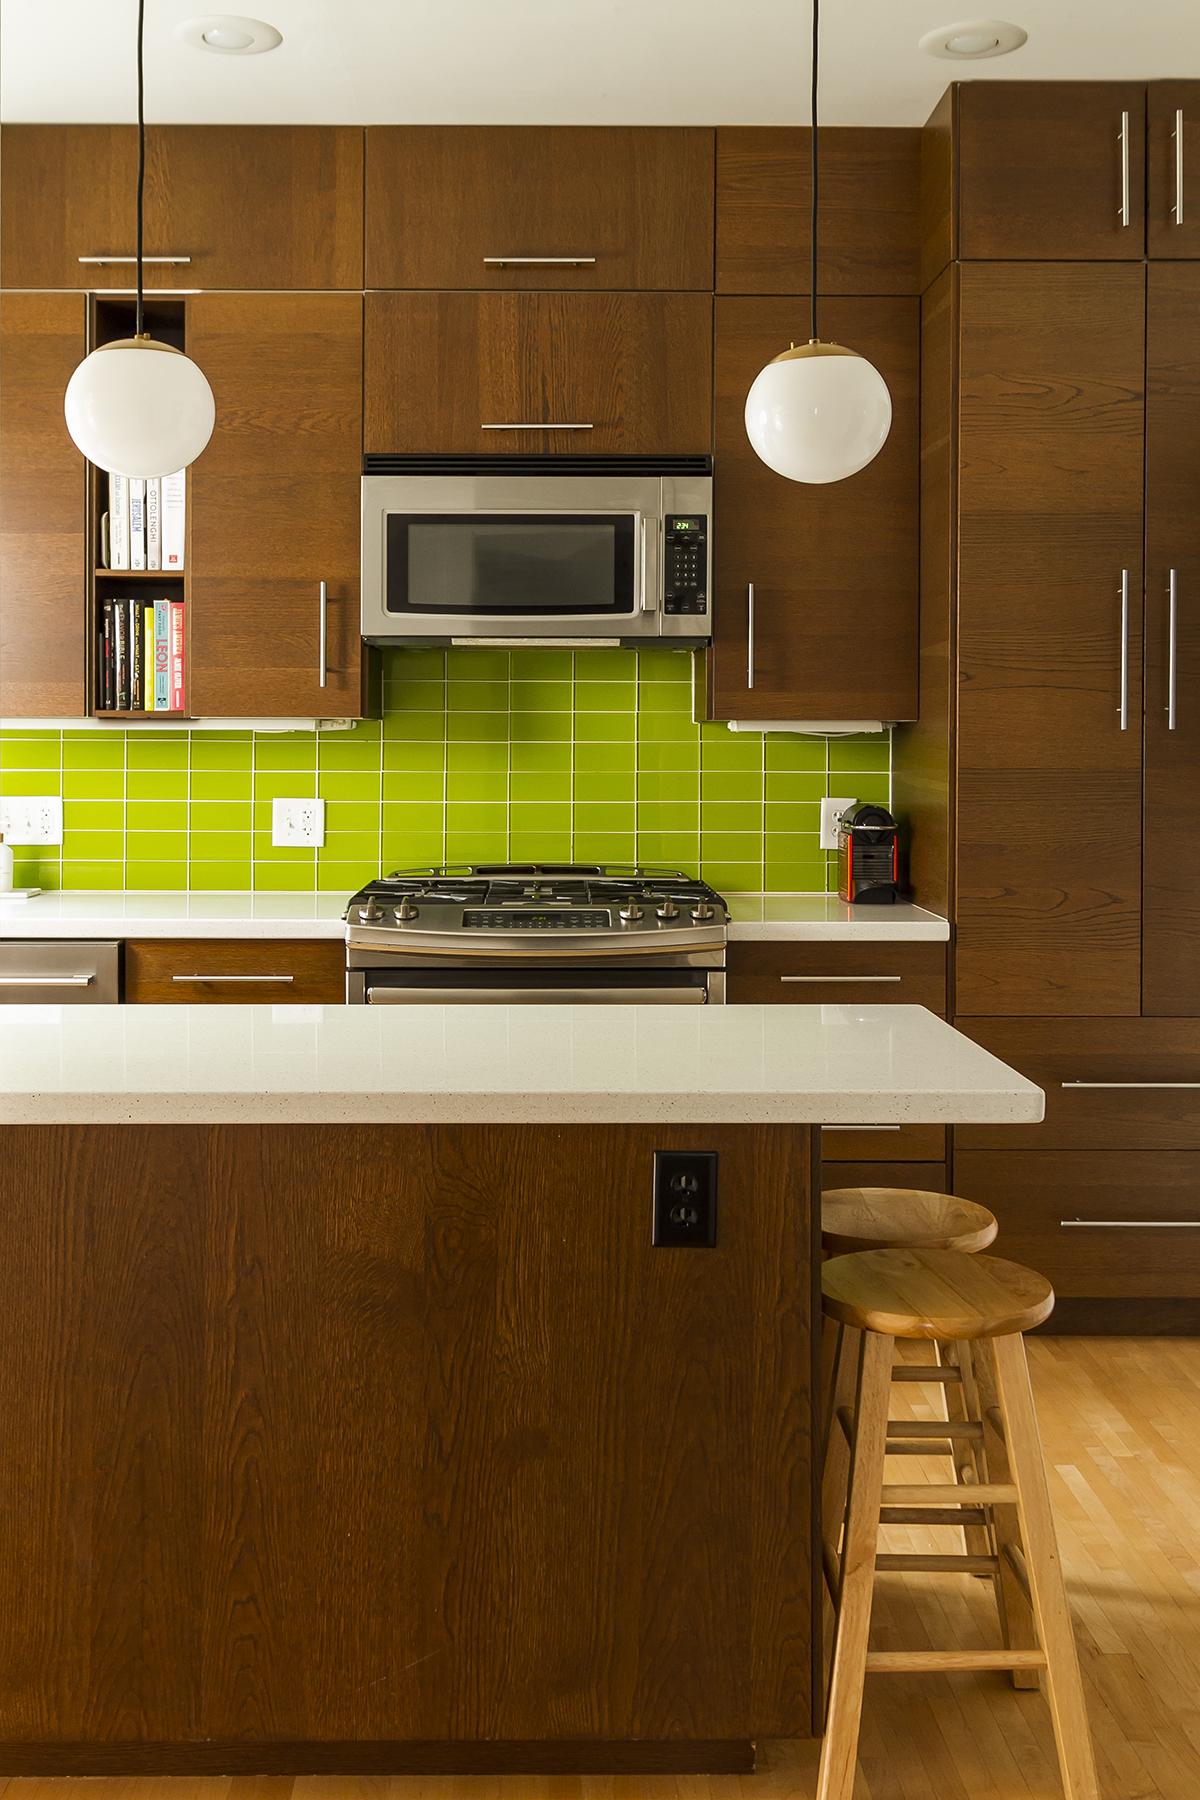 web_kitchen 3_v1_current.jpg